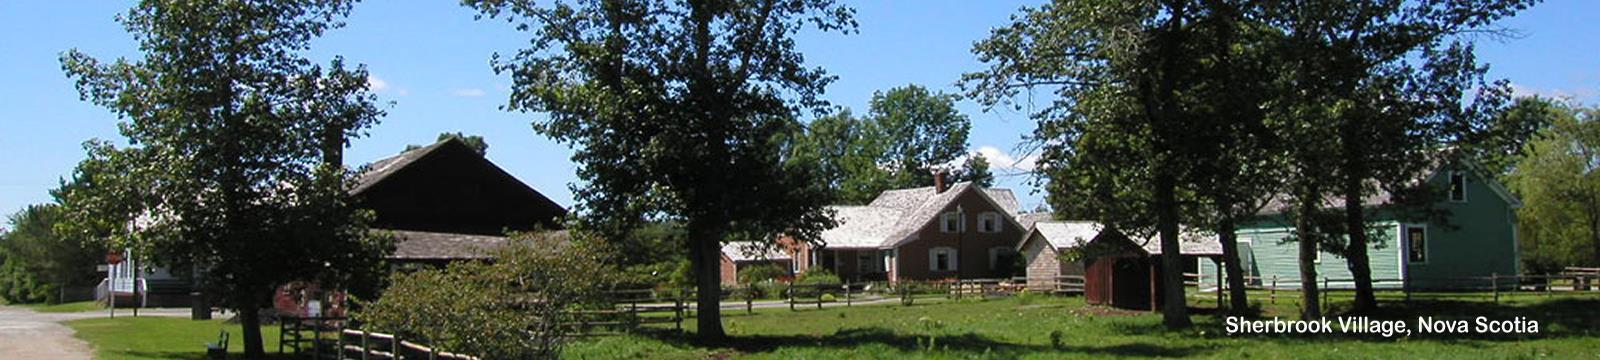 Sherbrook Village